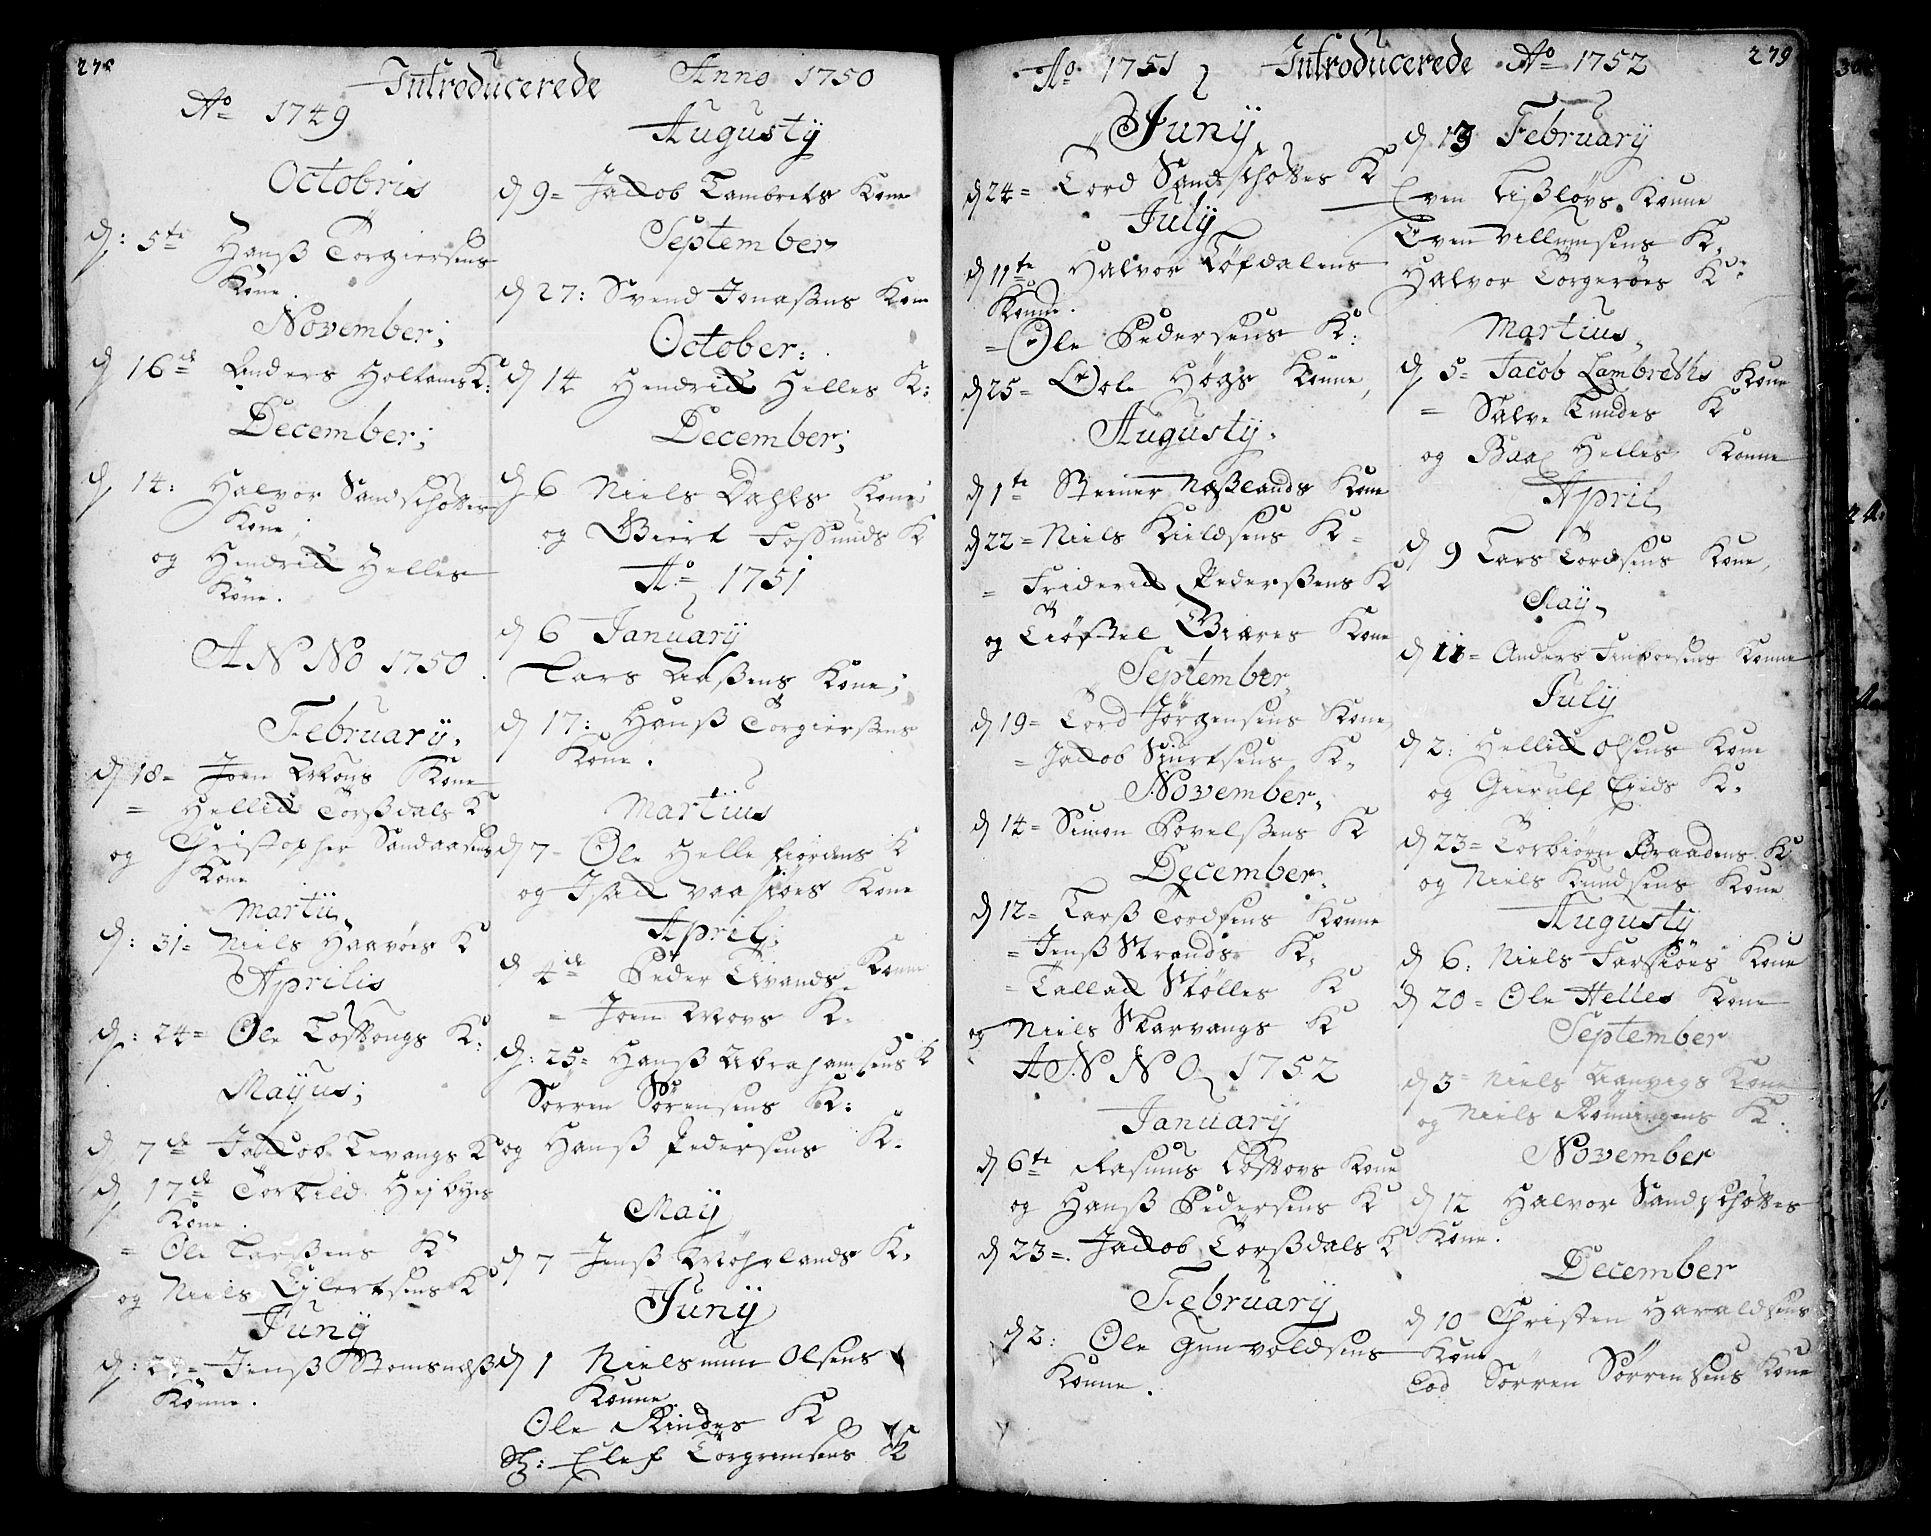 SAKO, Sannidal kirkebøker, F/Fa/L0001: Ministerialbok nr. 1, 1702-1766, s. 278-279